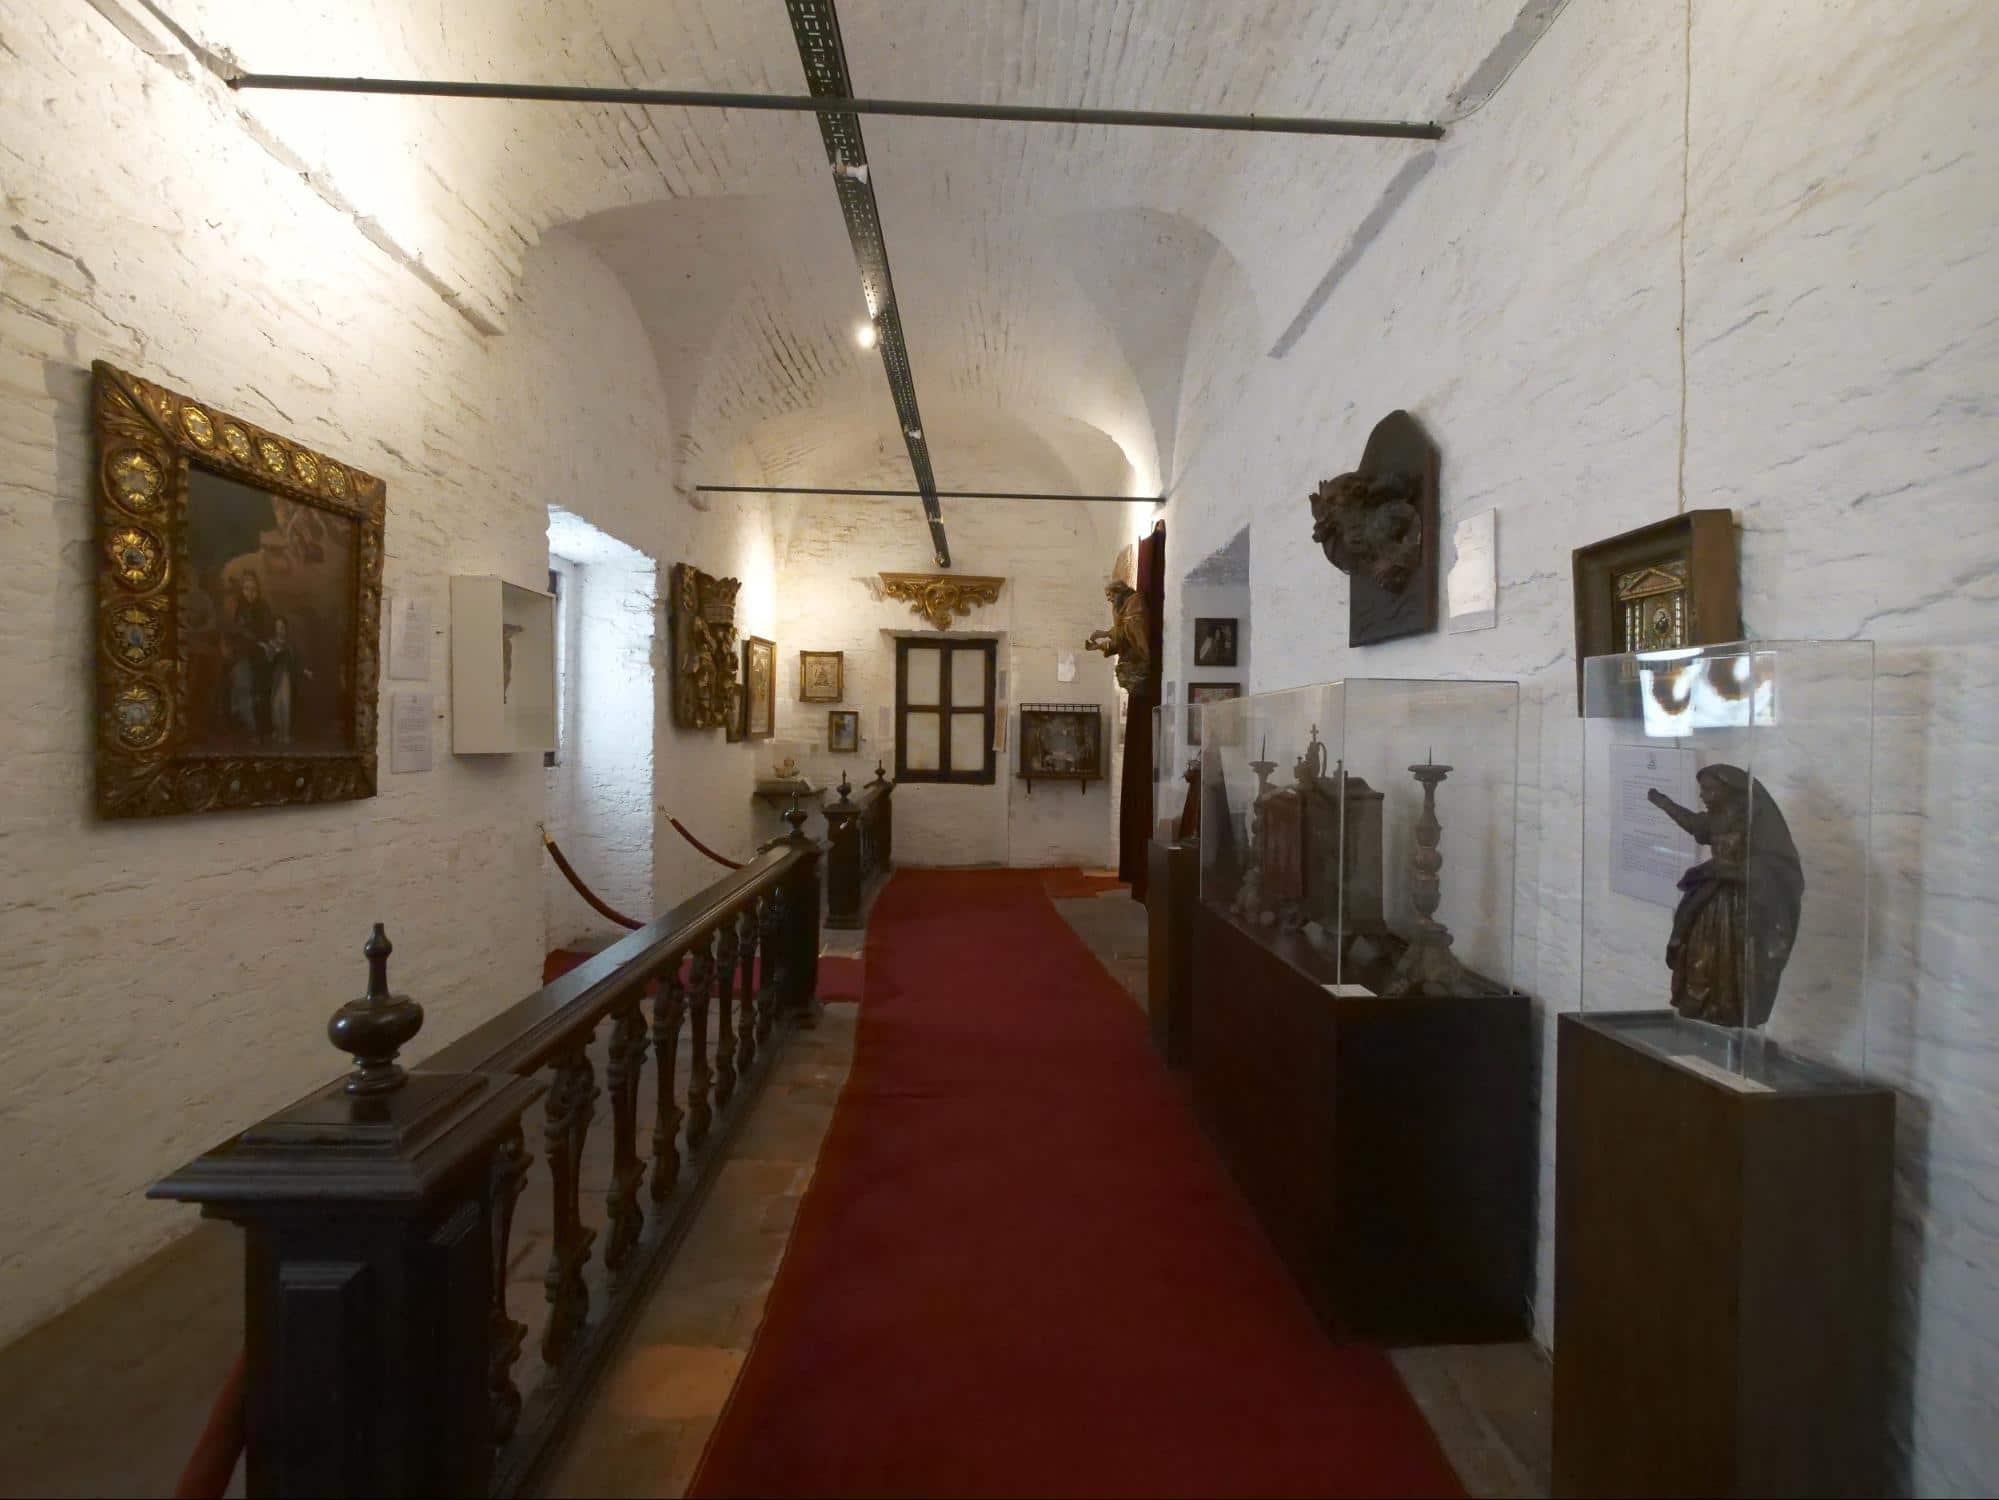 Iglesia de Nuestra Señora del Pilar interior